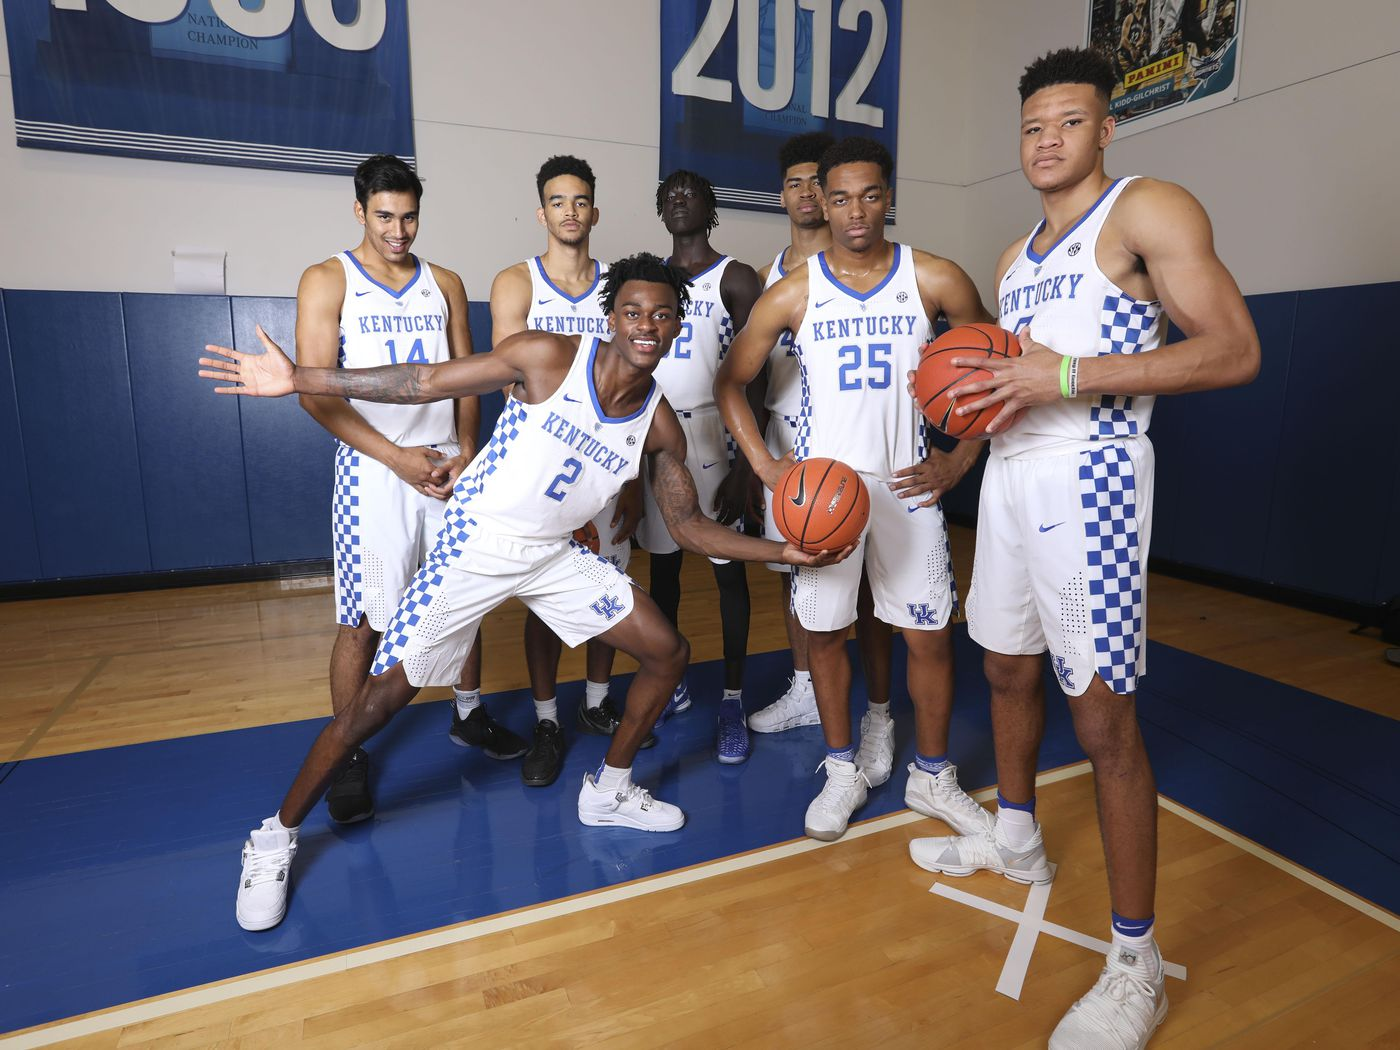 Kentucky Basketball Preview Wildcats Still Top An Improving